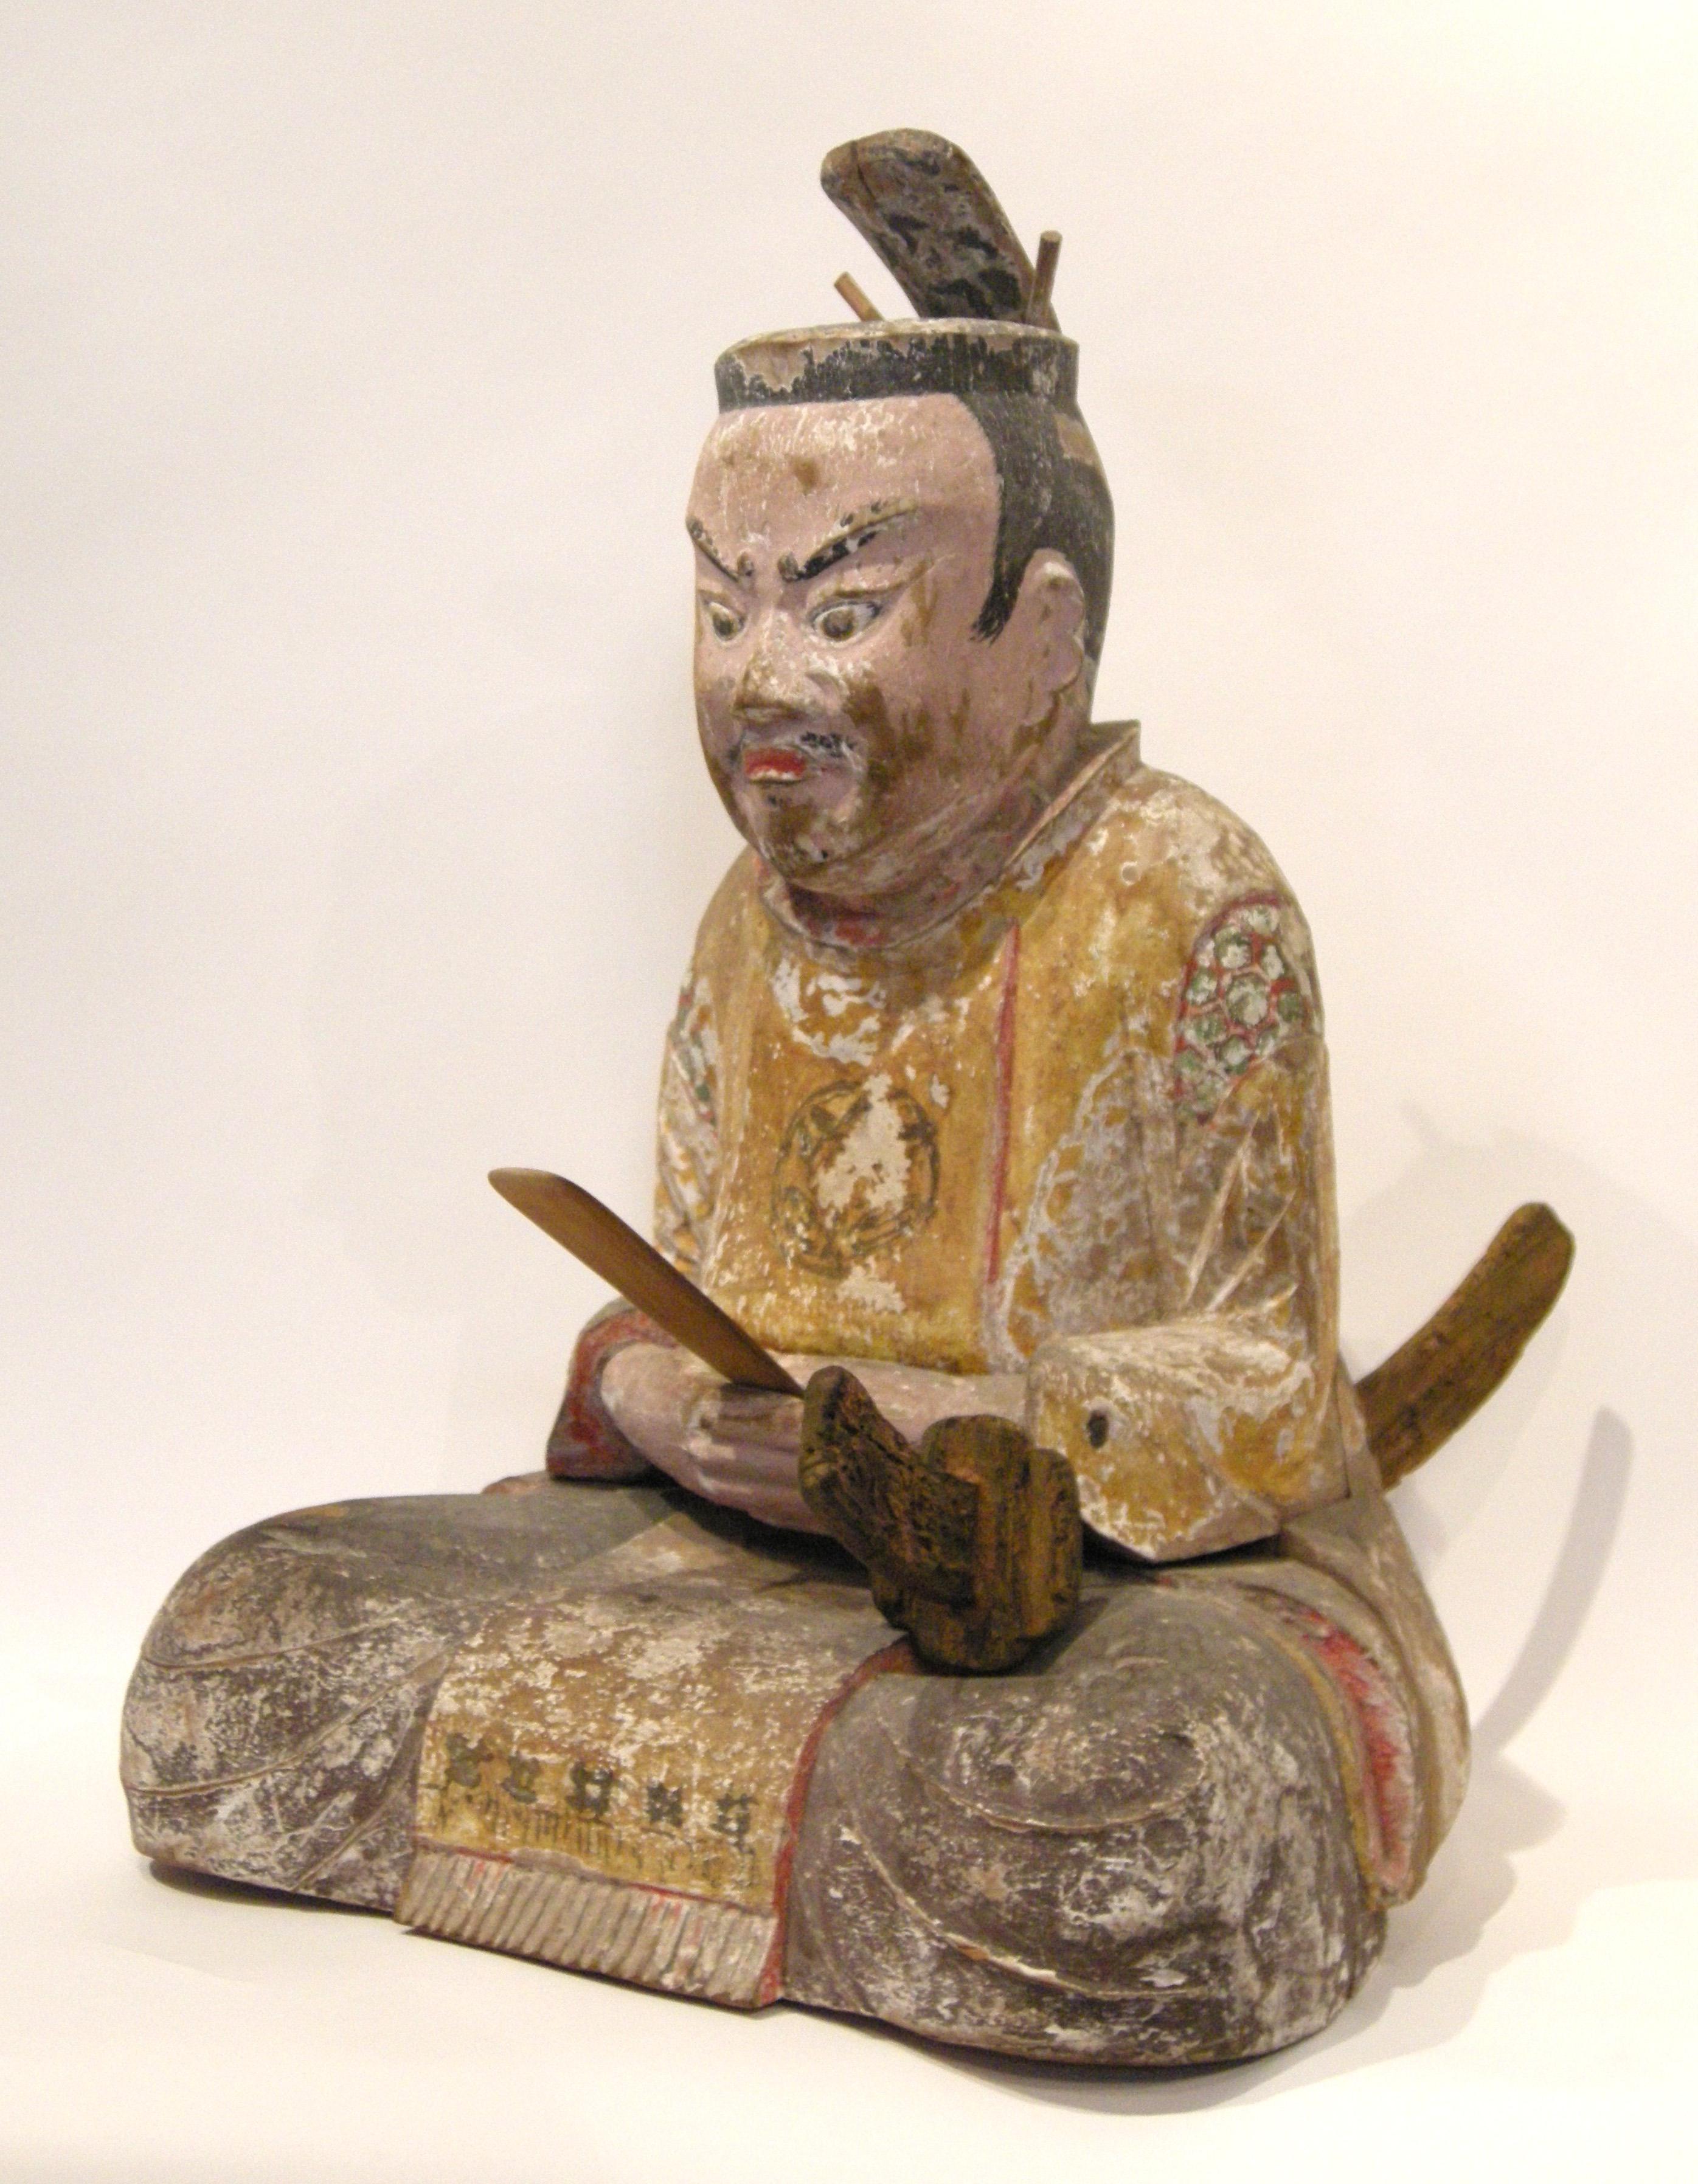 井伊城・井伊大明神遠江介共保公神像